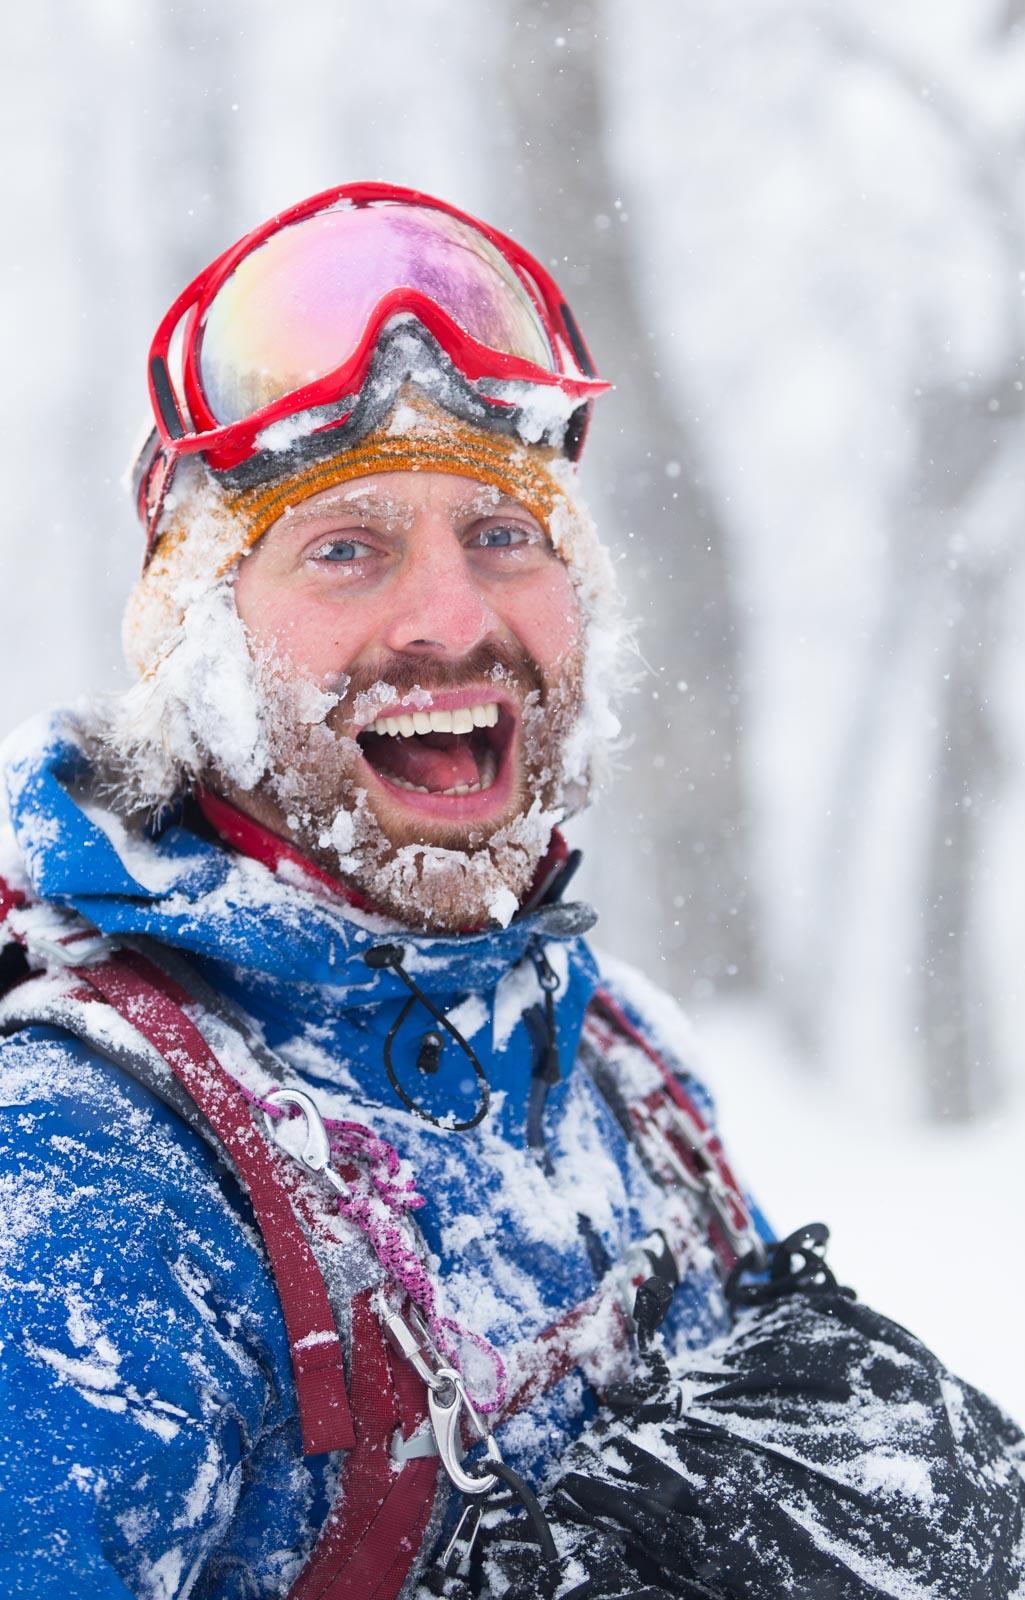 Fotograf Patrik Lindqvist